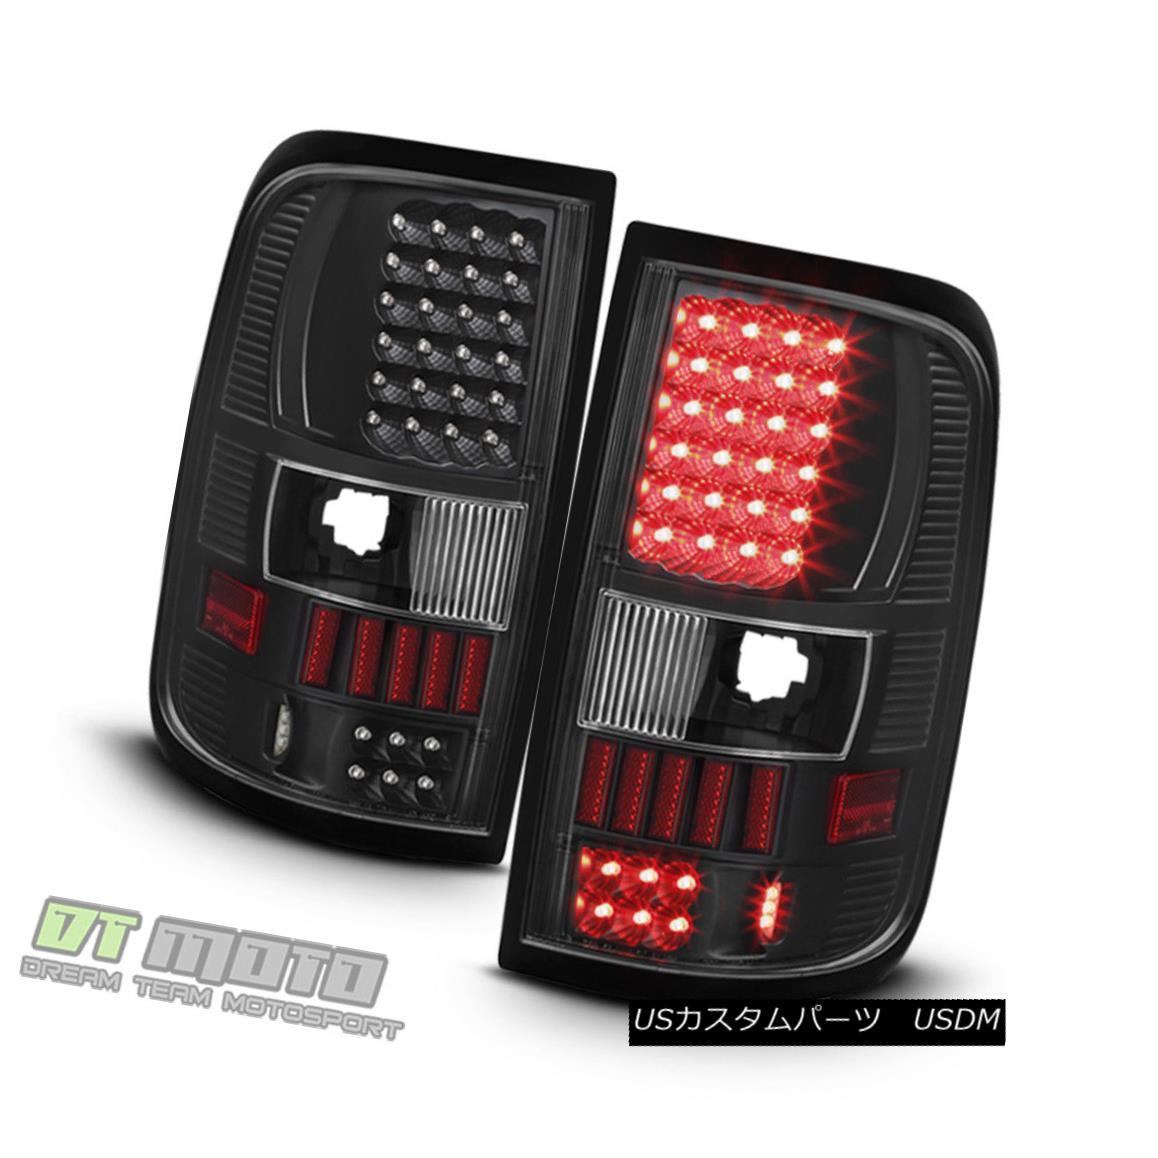 テールライト Blk + 2004-2008 Ford Tail F150 F150 F-150 Pickup LED Tail Lights Lamps Left+Right 04-08 Set Blk 2004-2008 Ford F150 F-150ピックアップLEDテールライトランプLeft + Right 04-08 Set, 誕生日プレゼント:6923a54b --- officewill.xsrv.jp